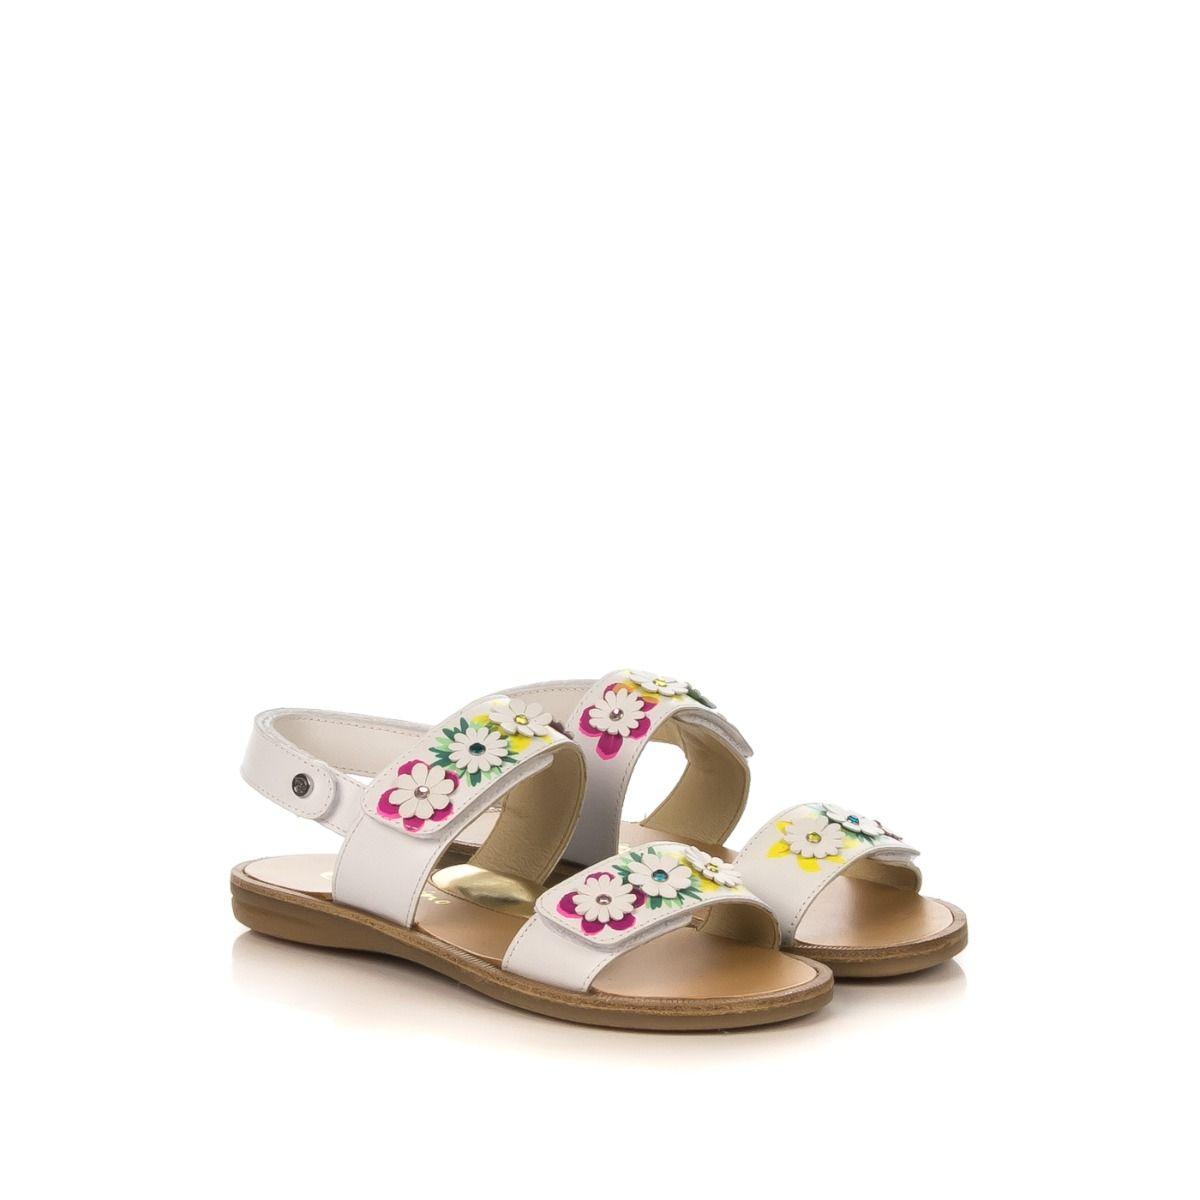 Bambina Naturino Bianco Con J3lfckt1 Sandalo 01 In Fiori Cristallo Pelle 8nw0kOPX